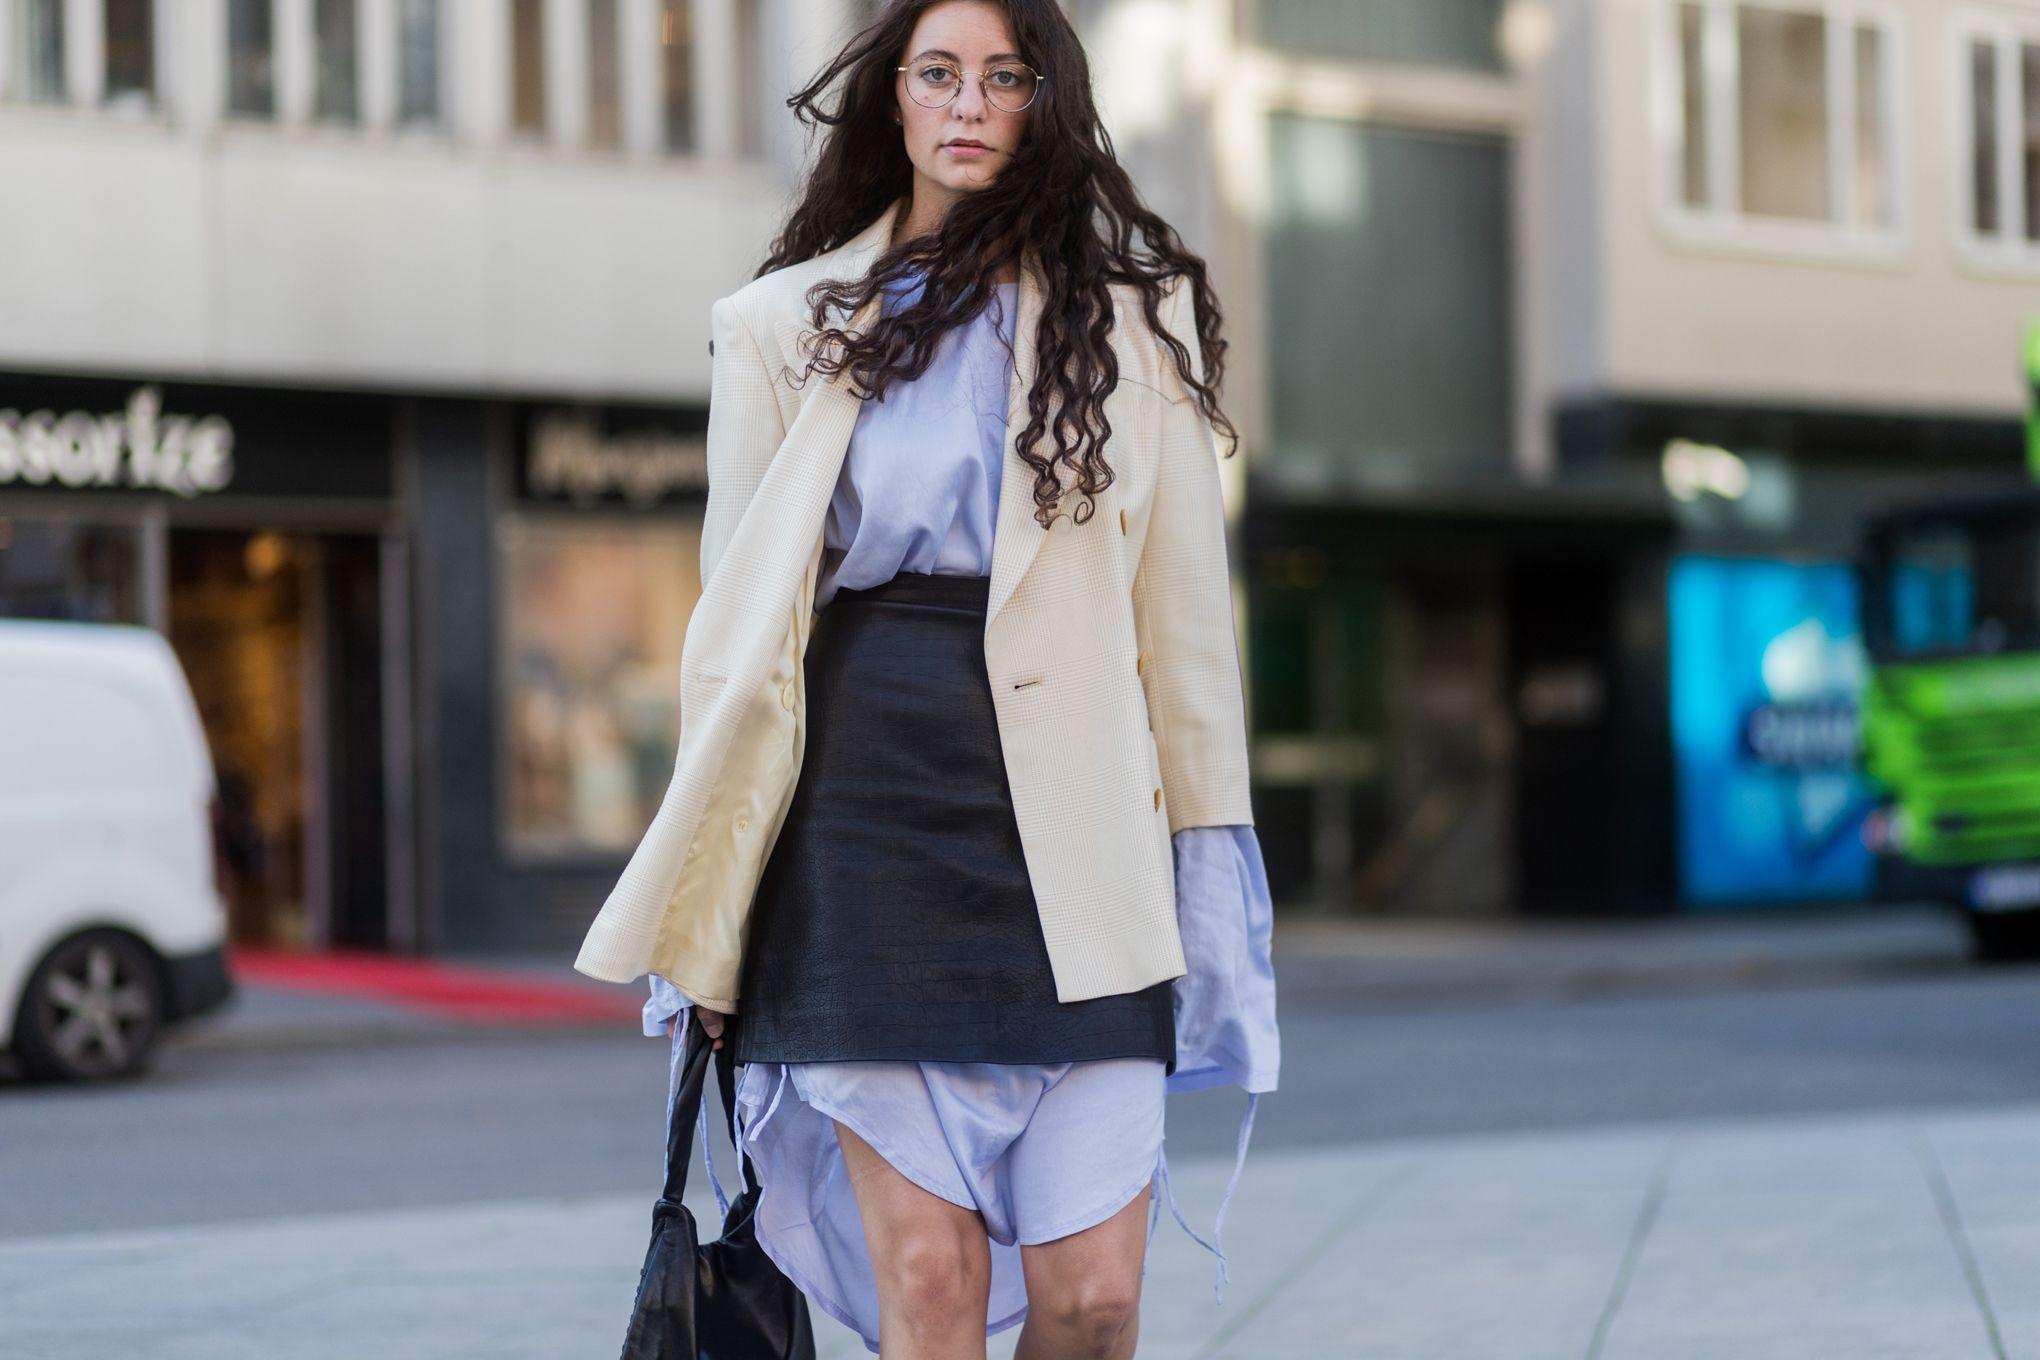 La camicia dell'autunno inverno 2019 la indossi over come sotto alla minigonna, mezza dentro e mezza fuori come una camicia uomo extra large, ad esempio una camicia bianca, da intravedere sotto all'orlo di gonne corte a vita alta.